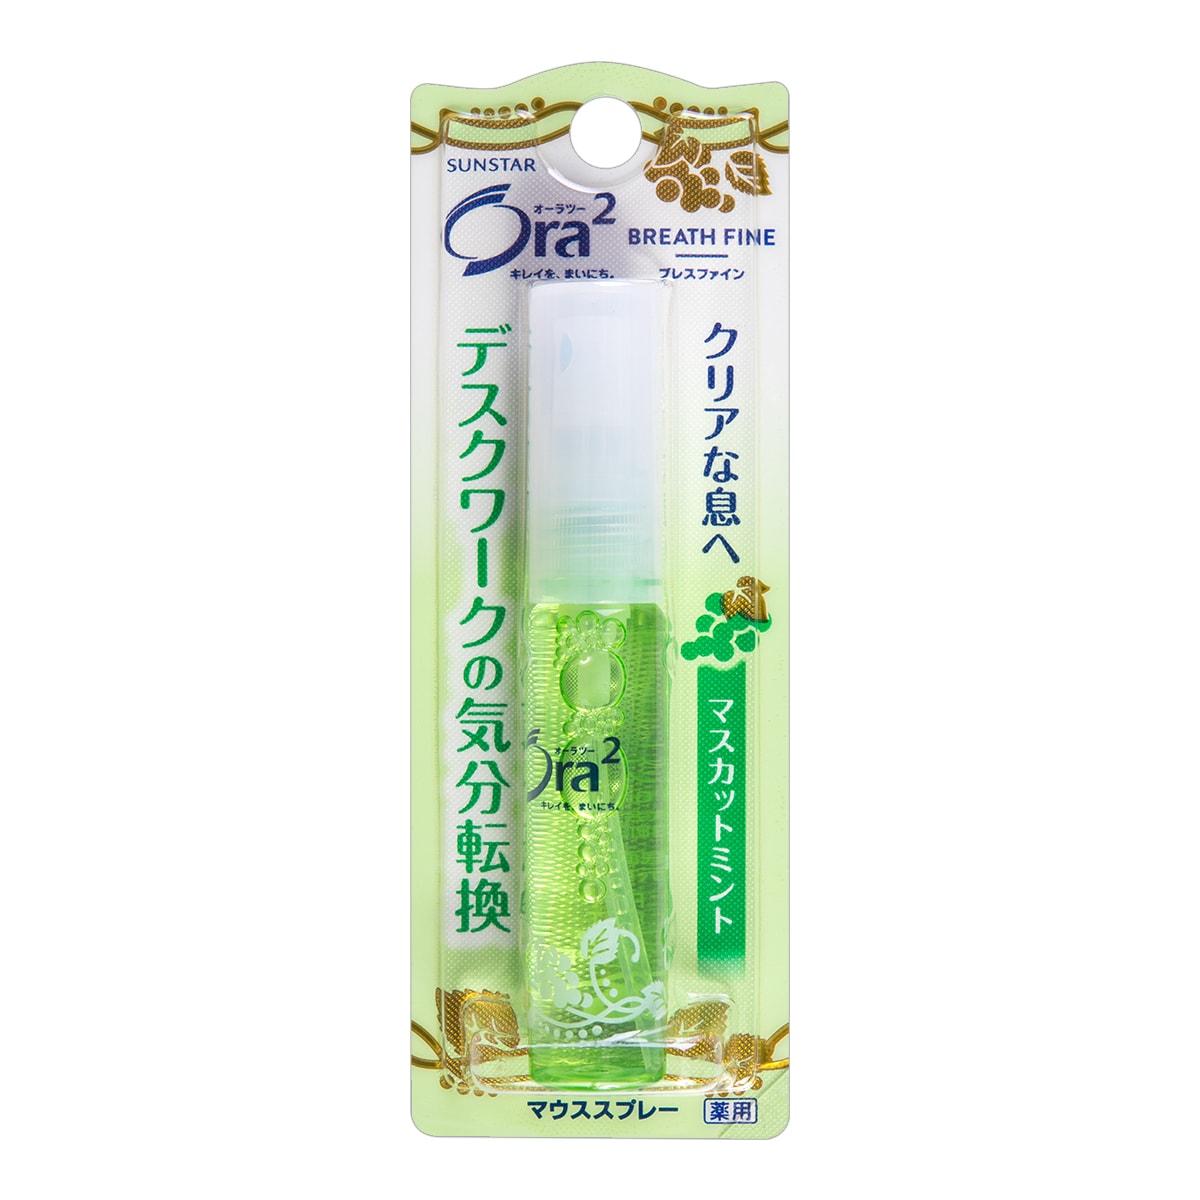 日本SUNSTAR ORA2 皓乐齿 口气清新喷雾 青葡萄薄荷味 6ml